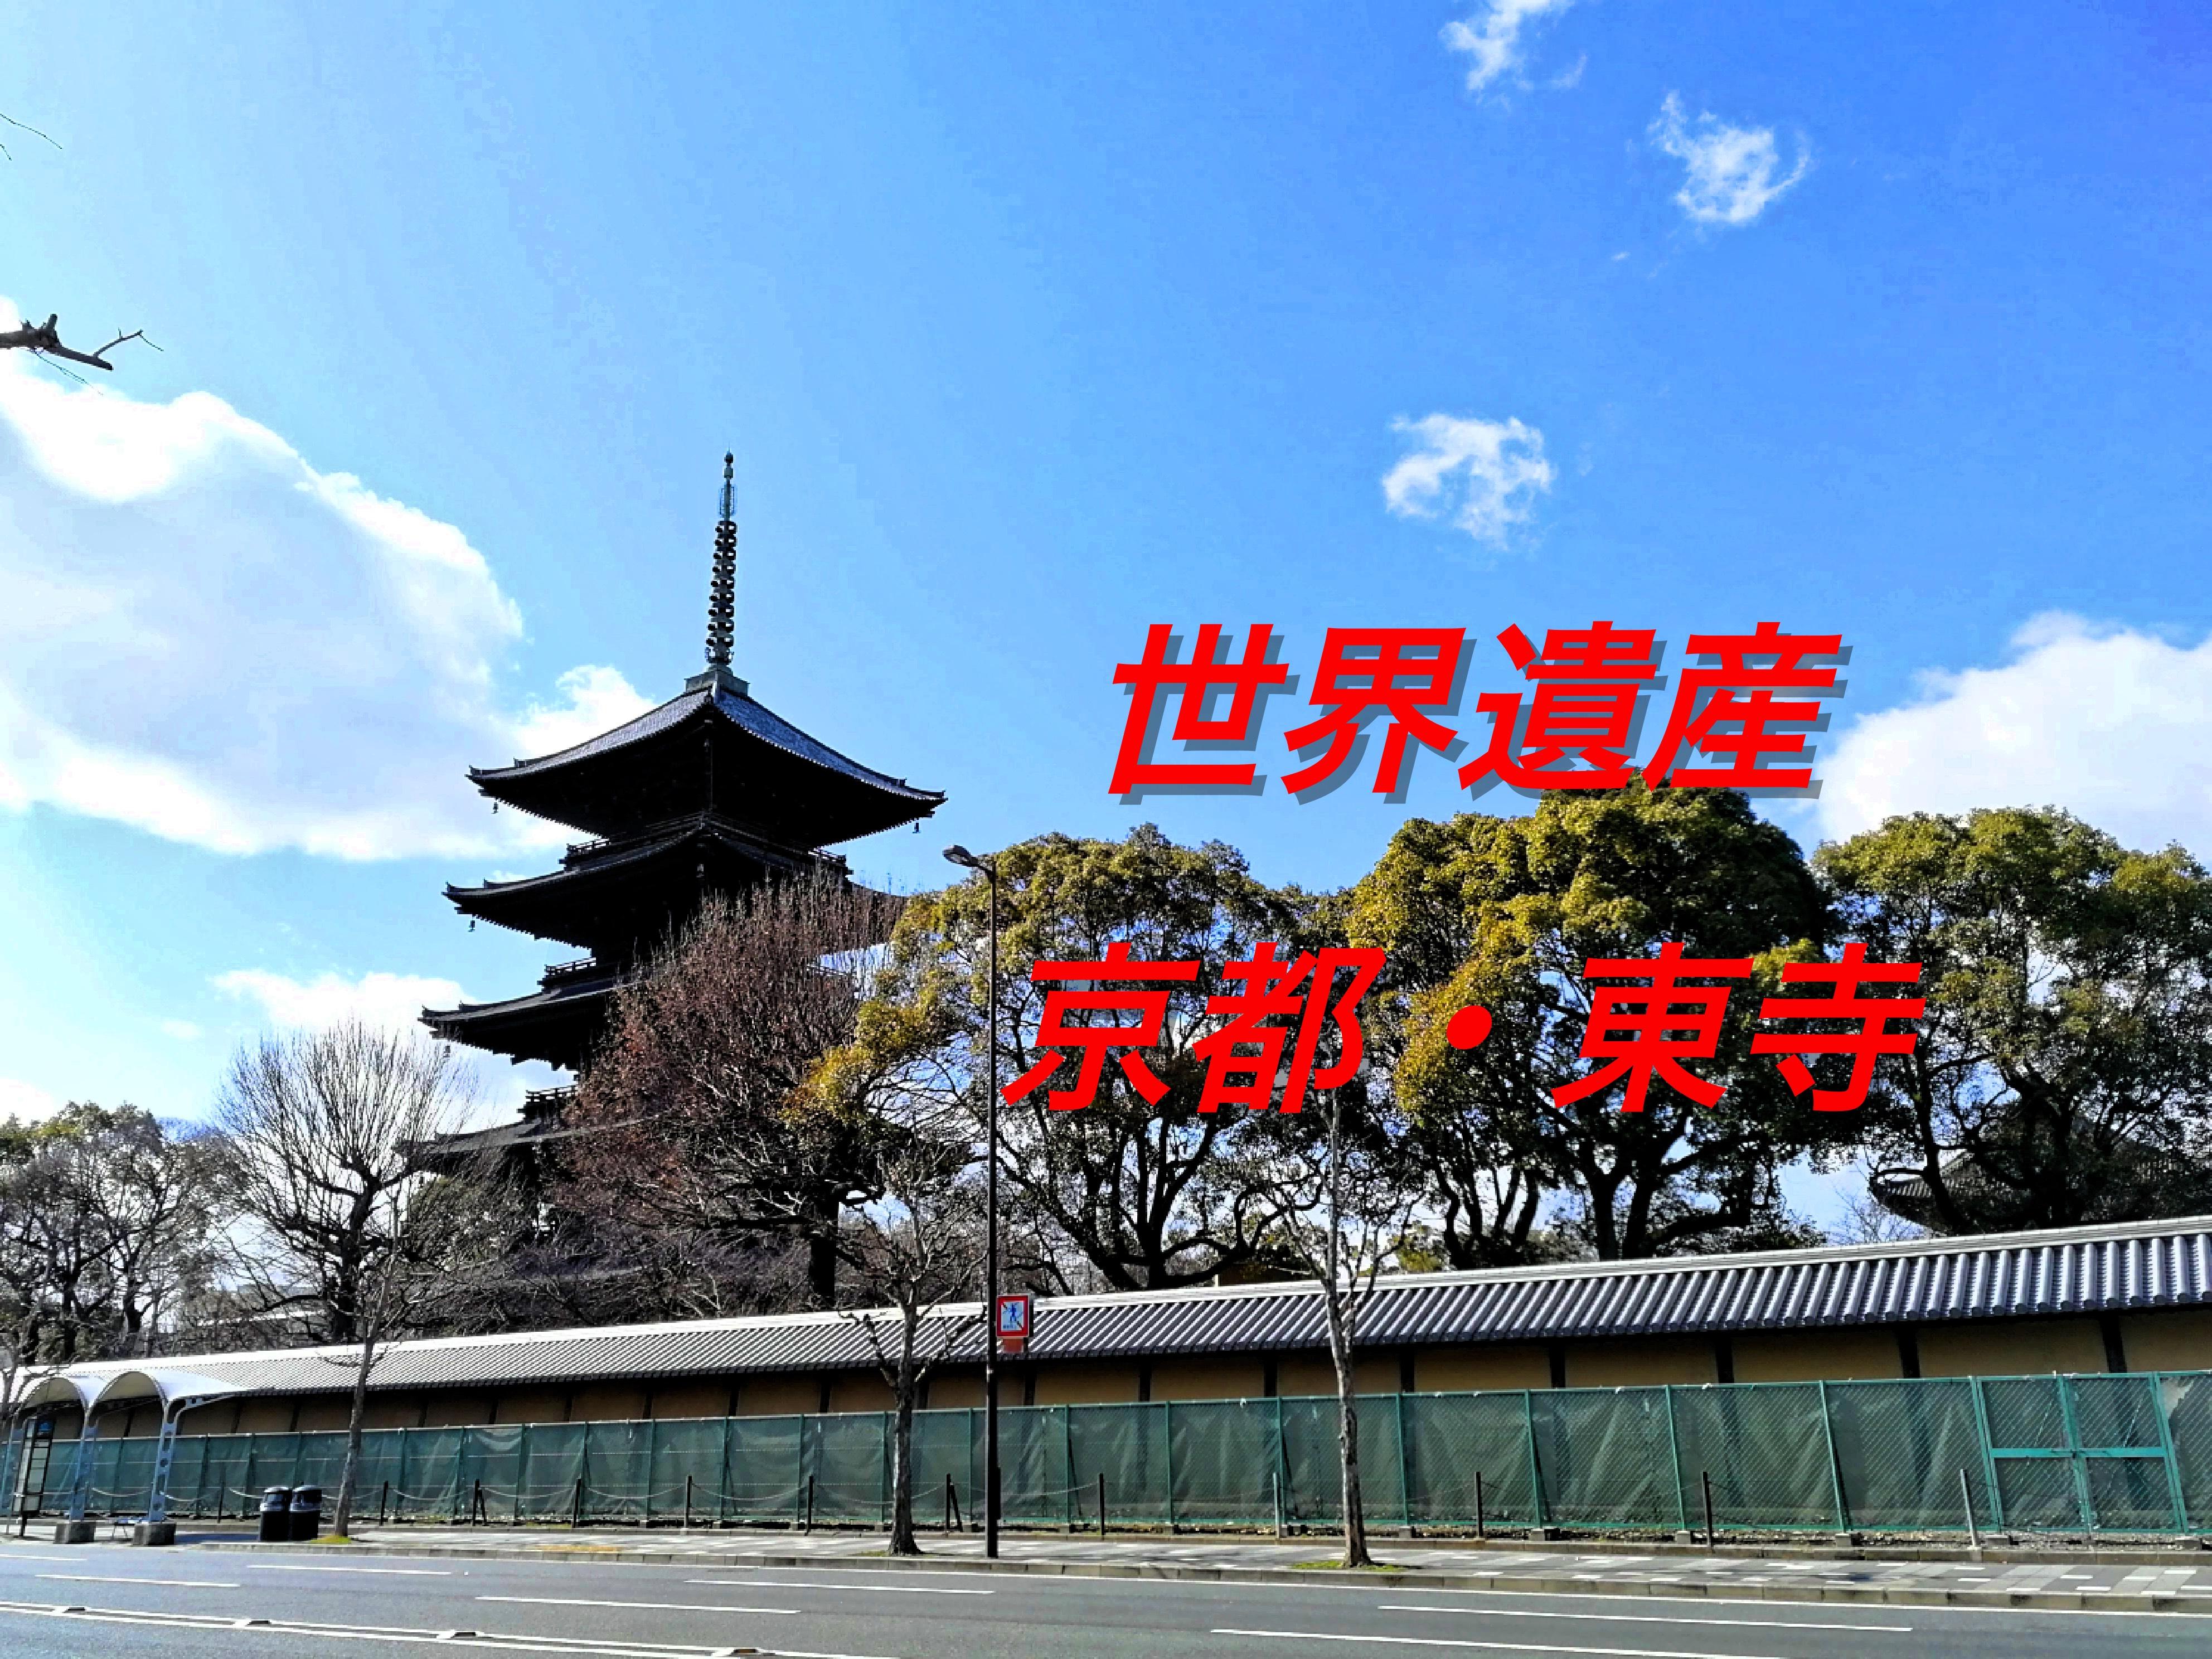 京都駅から歩いて行ける!世界遺産・東寺での参拝と御朱印情報について